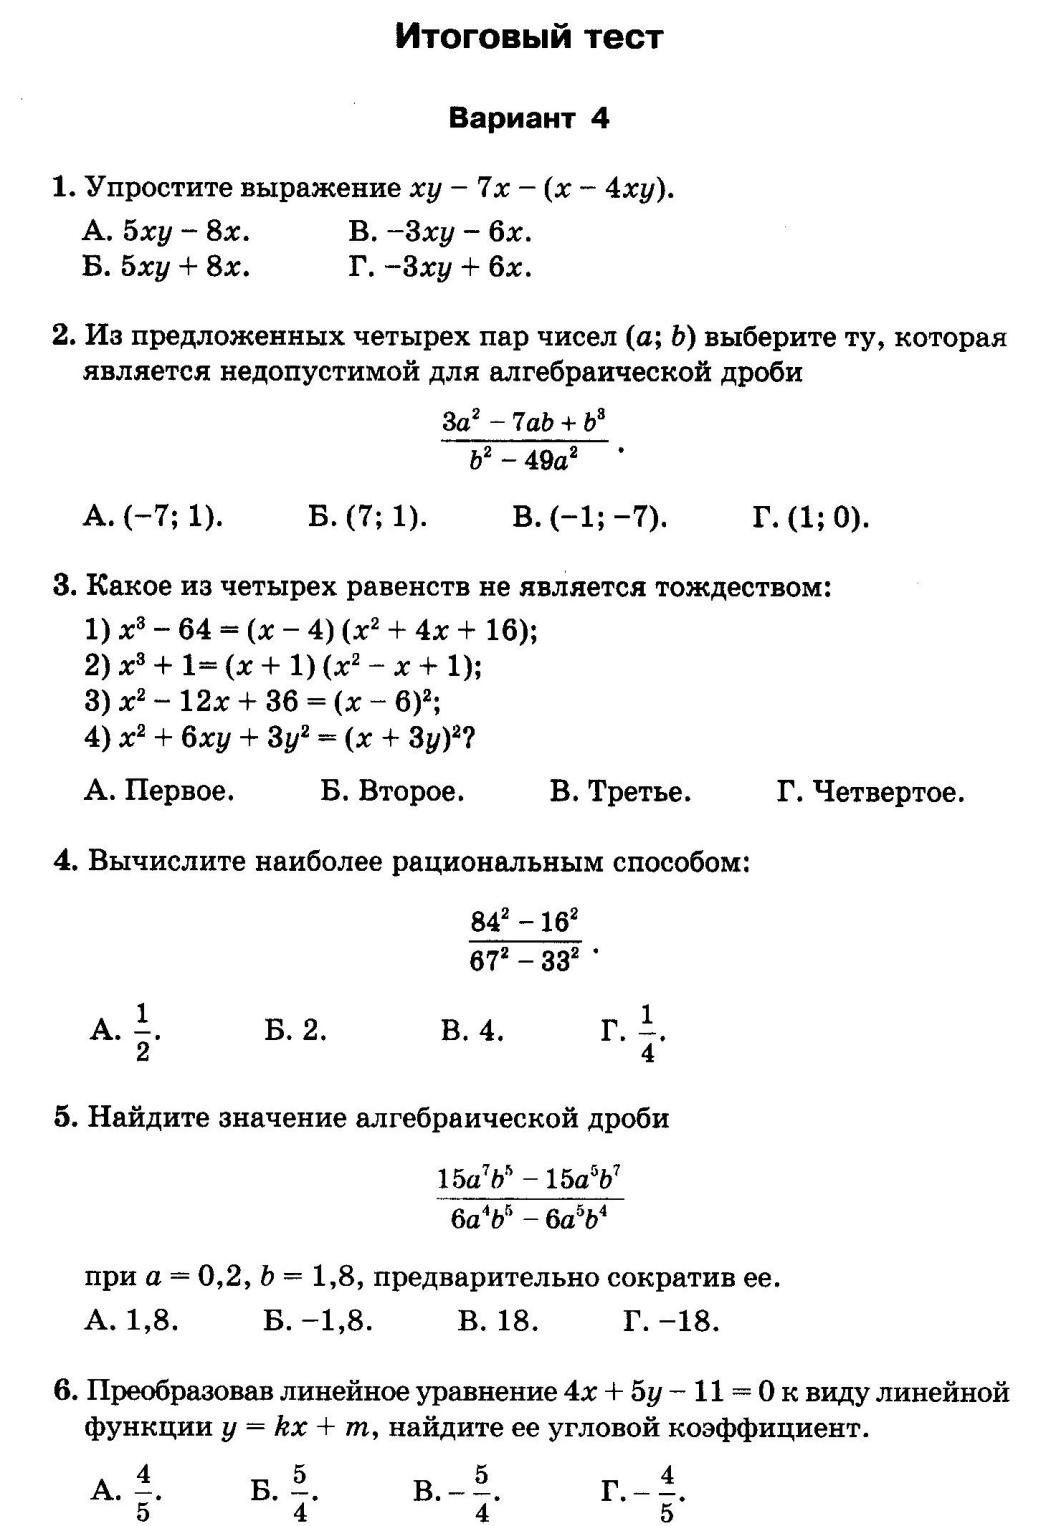 гдз по алгебре тесты 7-9 класс мордкович тульчинская